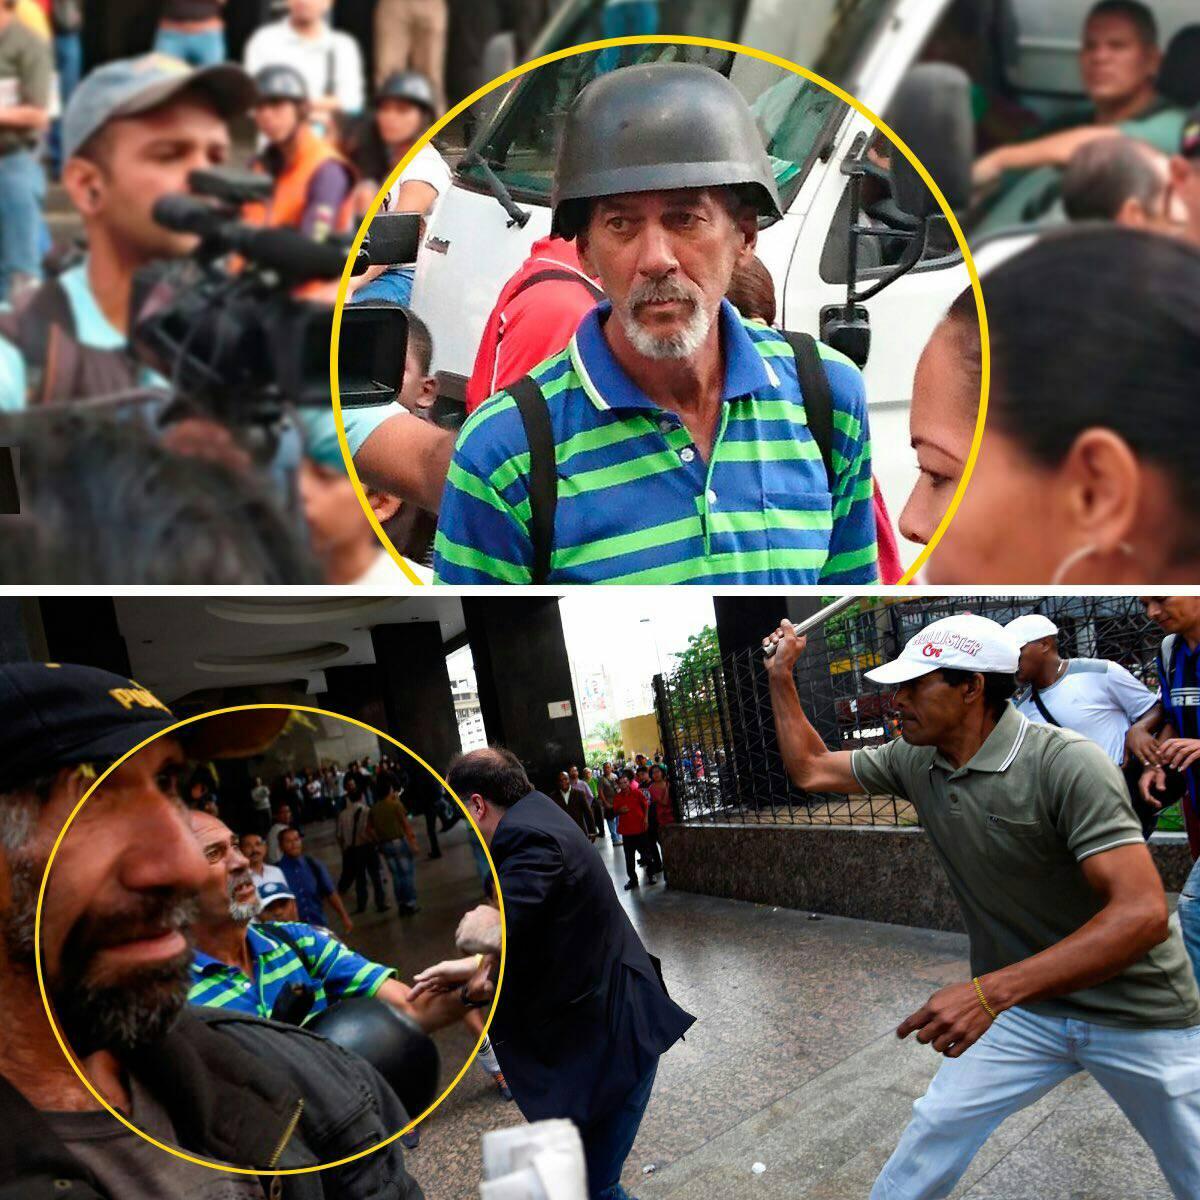 Para que se rechace de verdad la violencia y se haga Justicia, 2 de los agresores: Roberto Marcano y Franklin López. https://t.co/xPOaYDqUaP